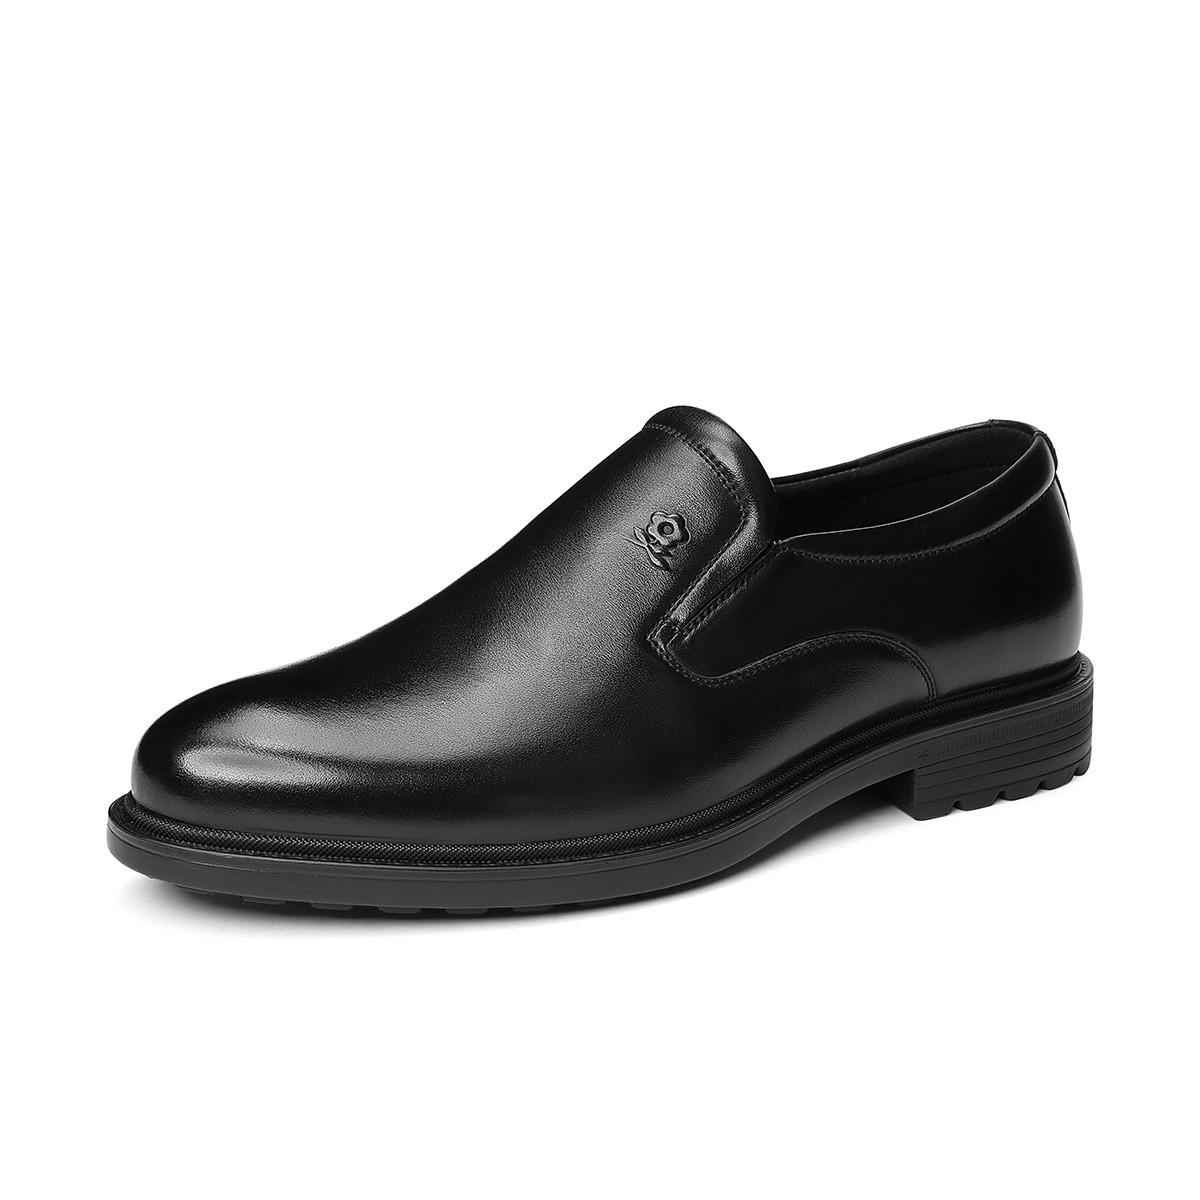 梦特娇19新品【头层牛皮】套脚圆头轻便舒适商务鞋德比鞋男鞋V81197888A